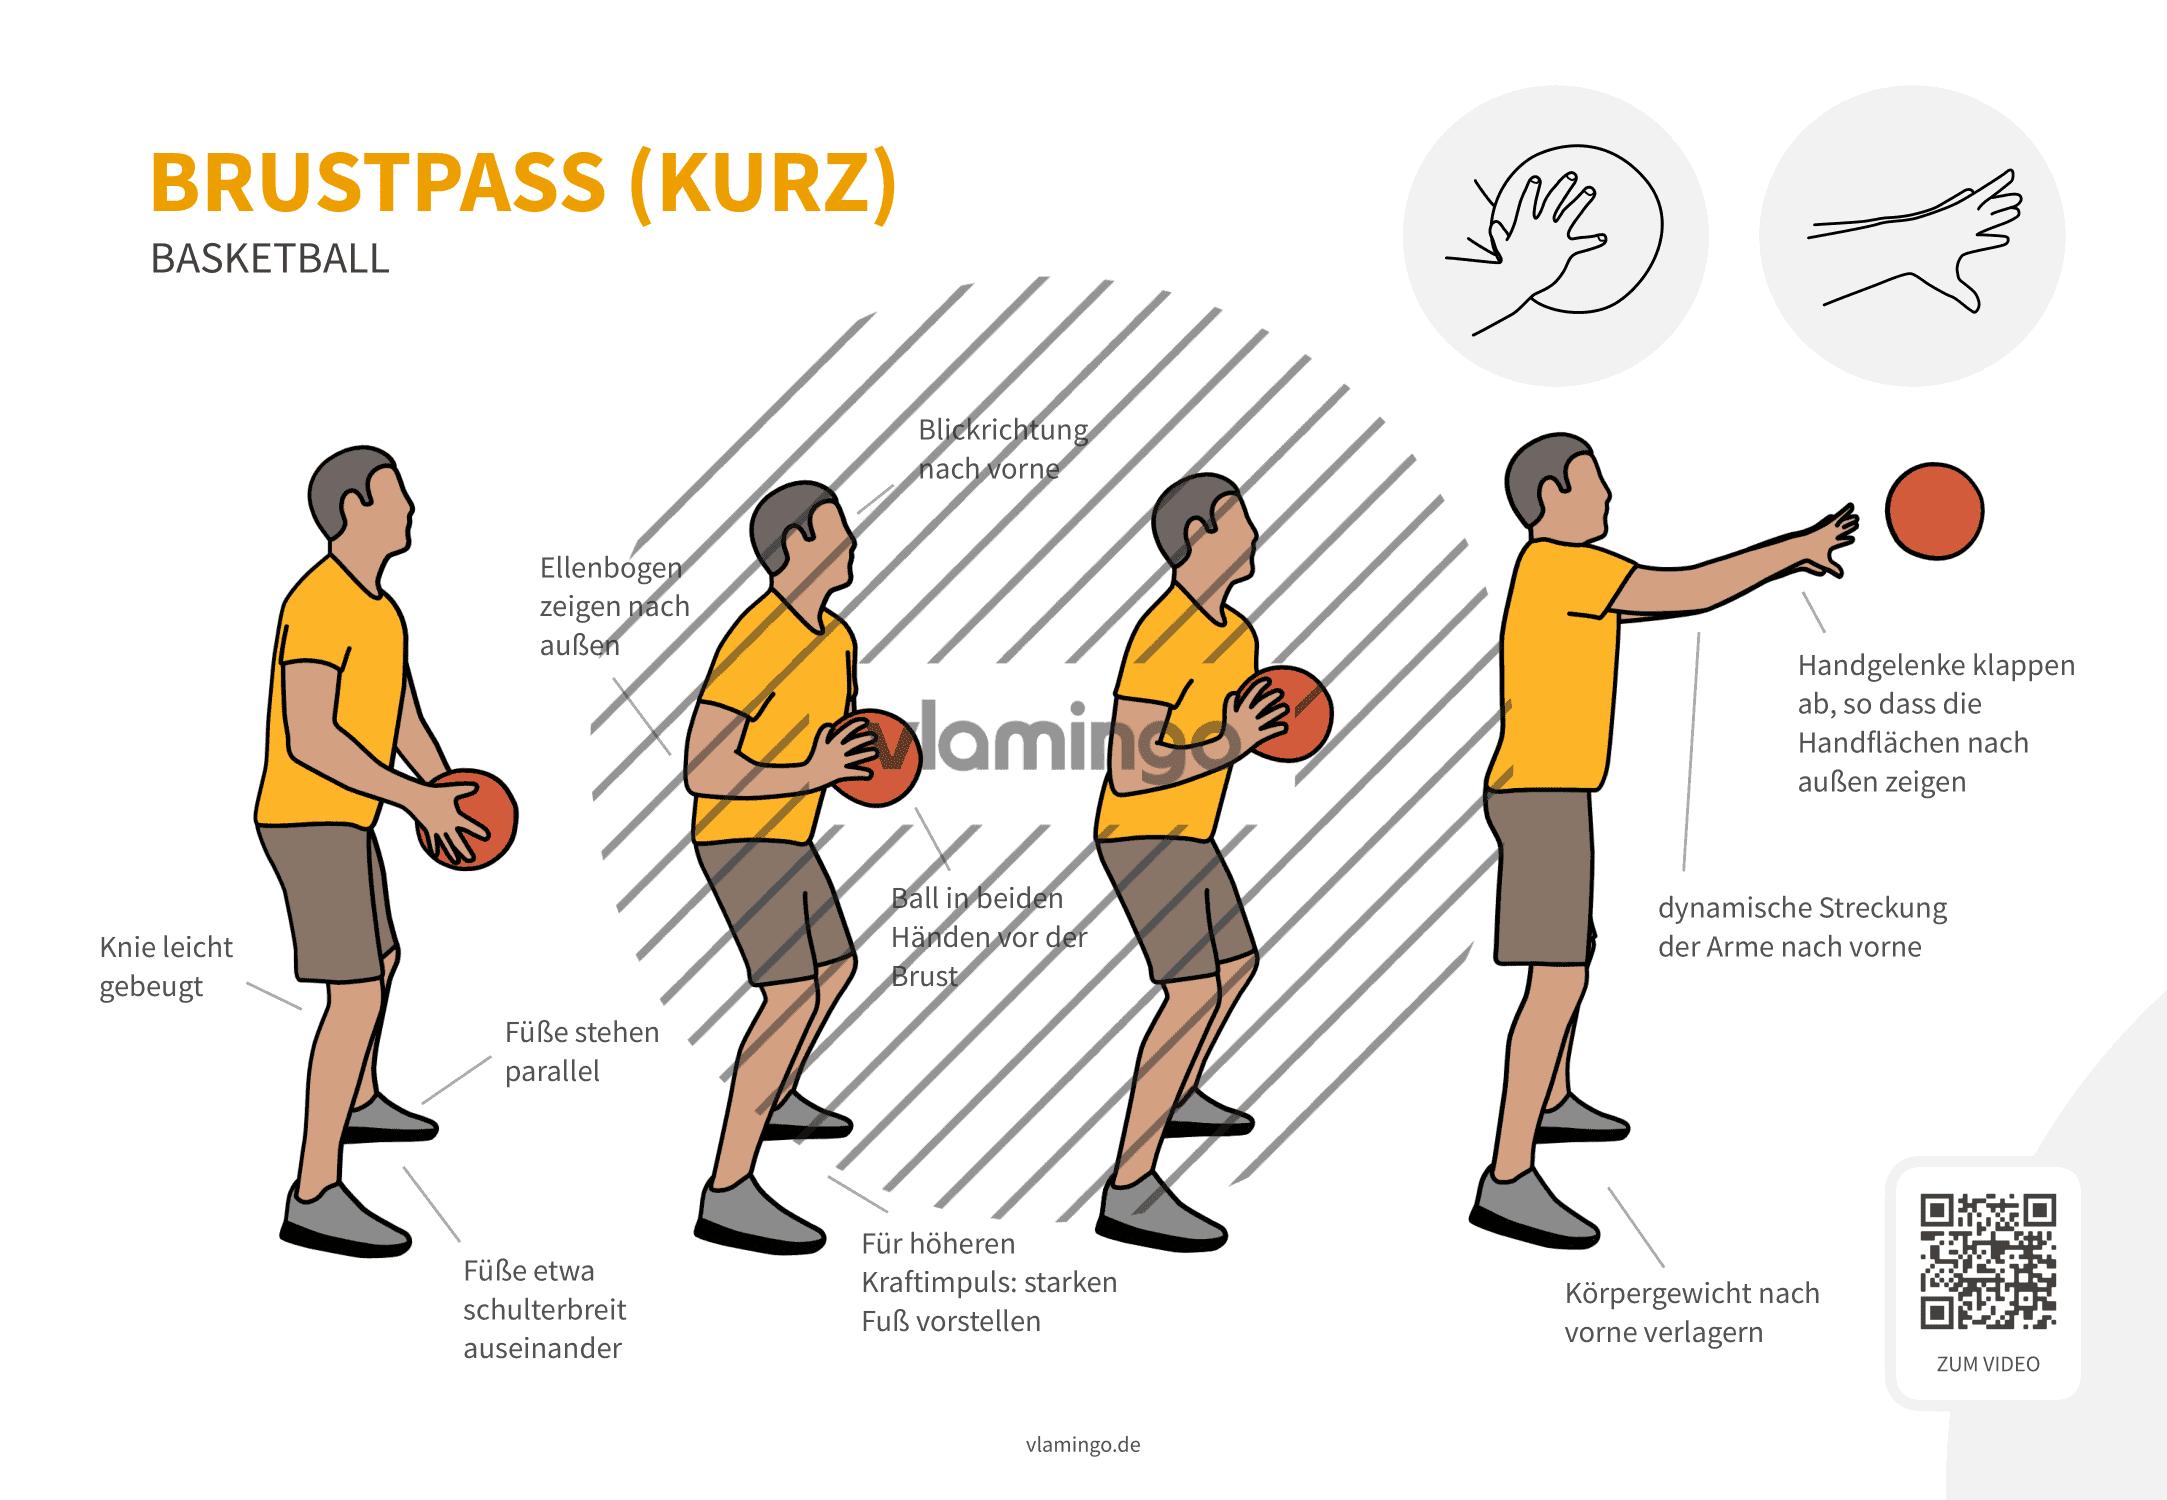 Basketball - Druckpass - Brustpass (von der Seite)